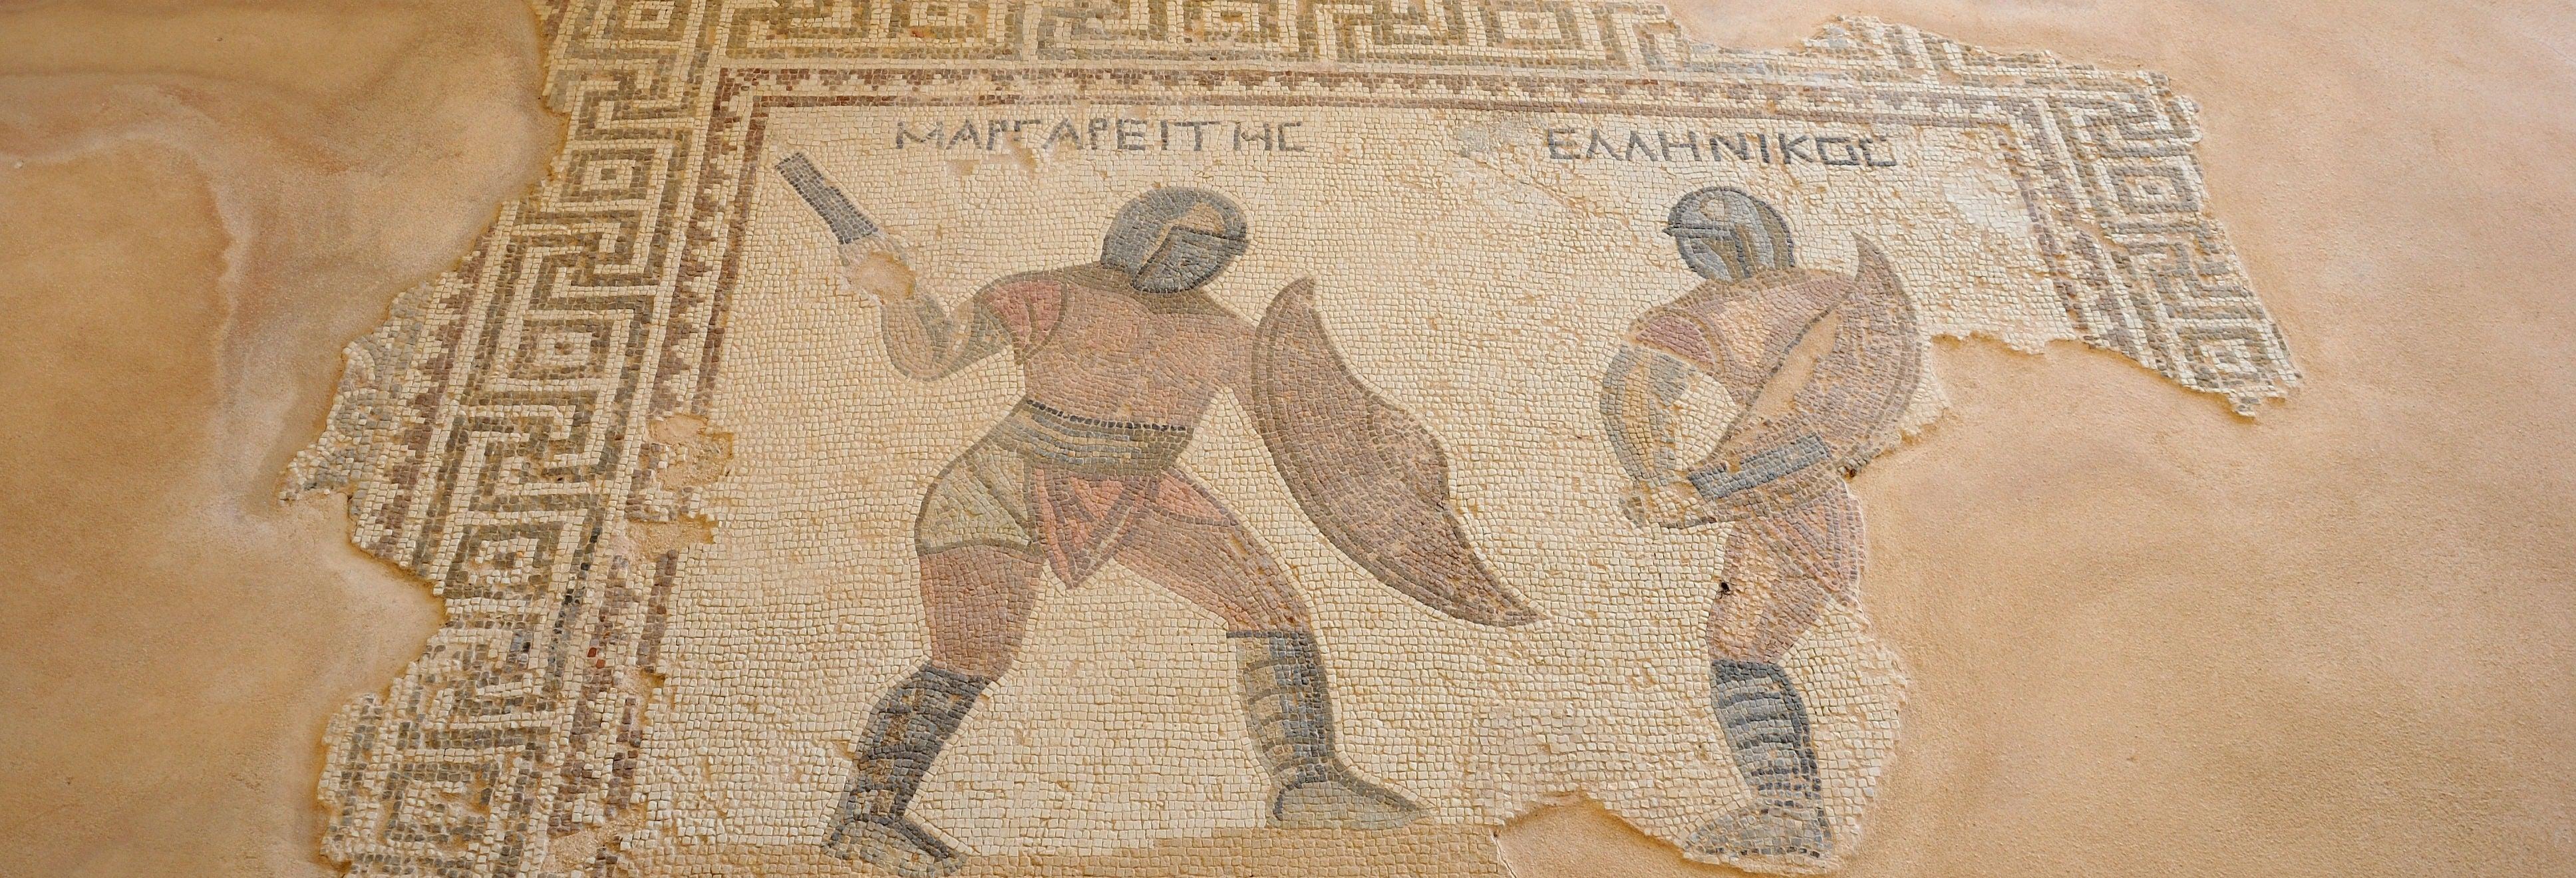 Excursion à Kourion, Omodos et Koilani + Château de Kolossi